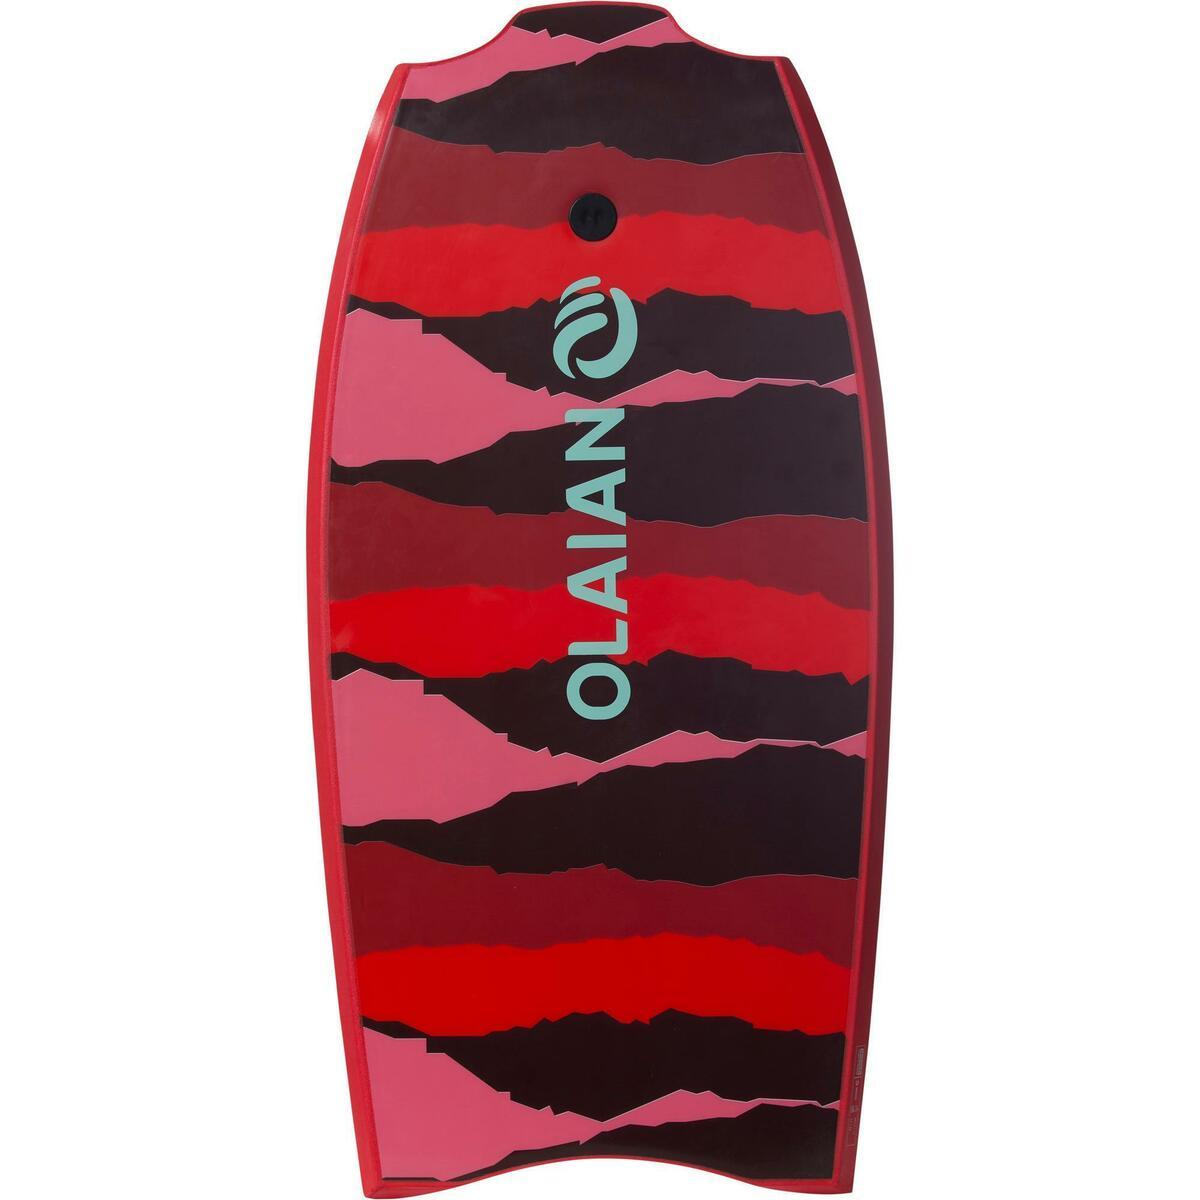 Bild 2 von Bodyboard 100 42 rot für Größe 1,651,85 m mit Slick (Gleitfläche) und Leash